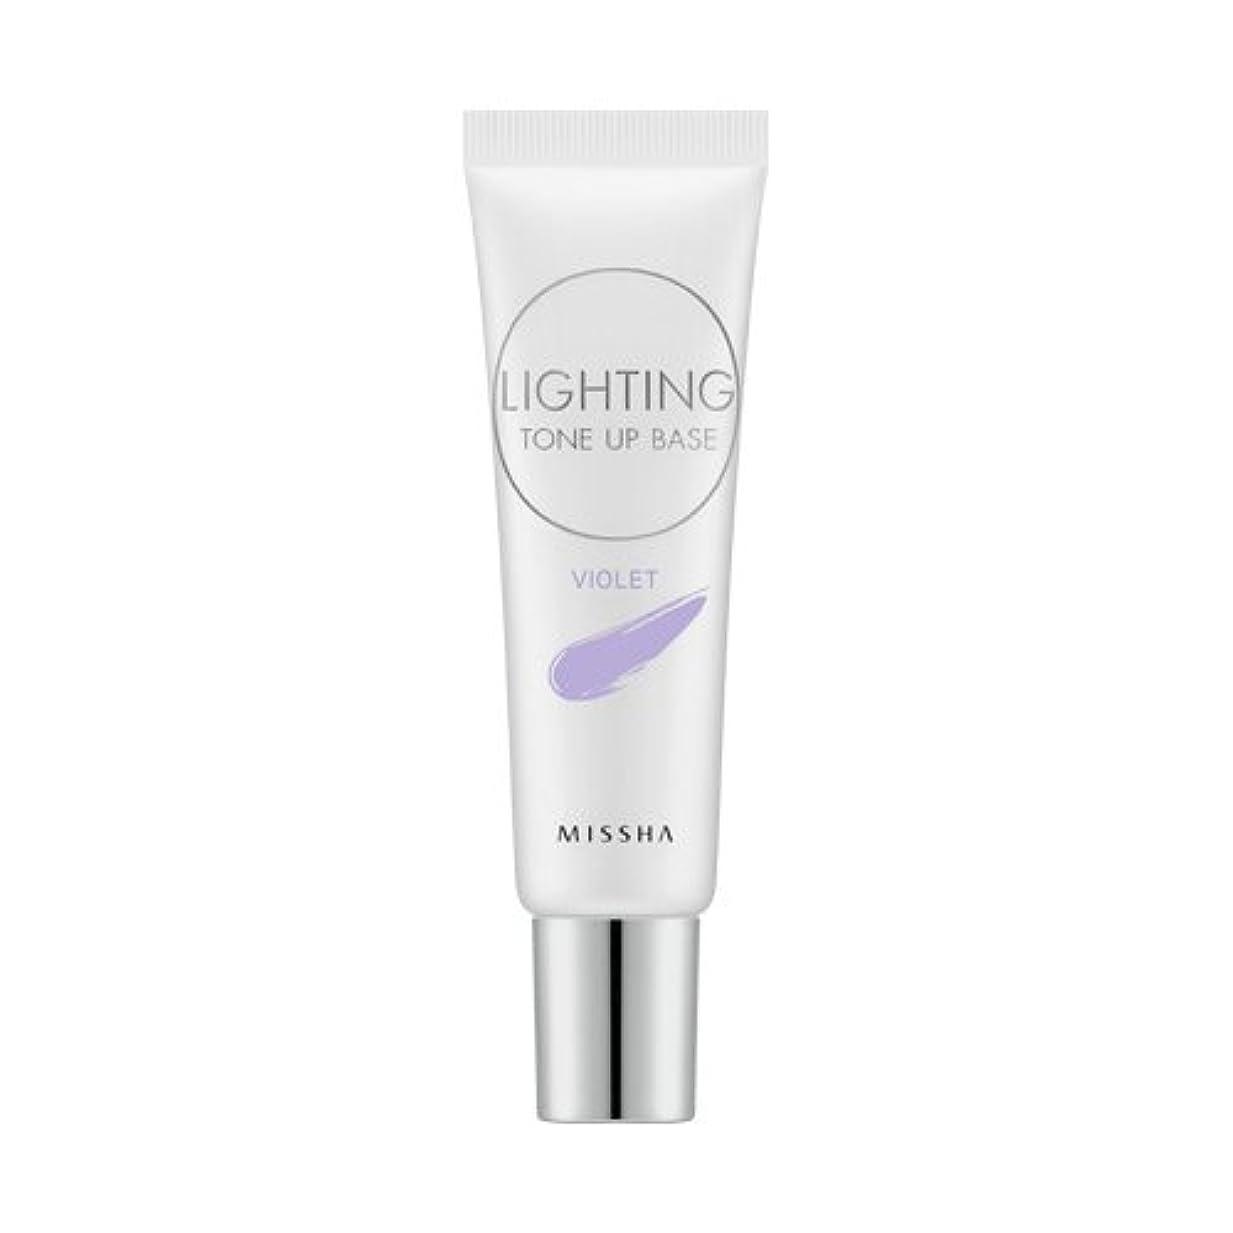 ペダル午後却下するMISSHA Lighting Tone Up Base 20ml/ミシャ ライティング トーン アップ ベース 20ml (#Violet)